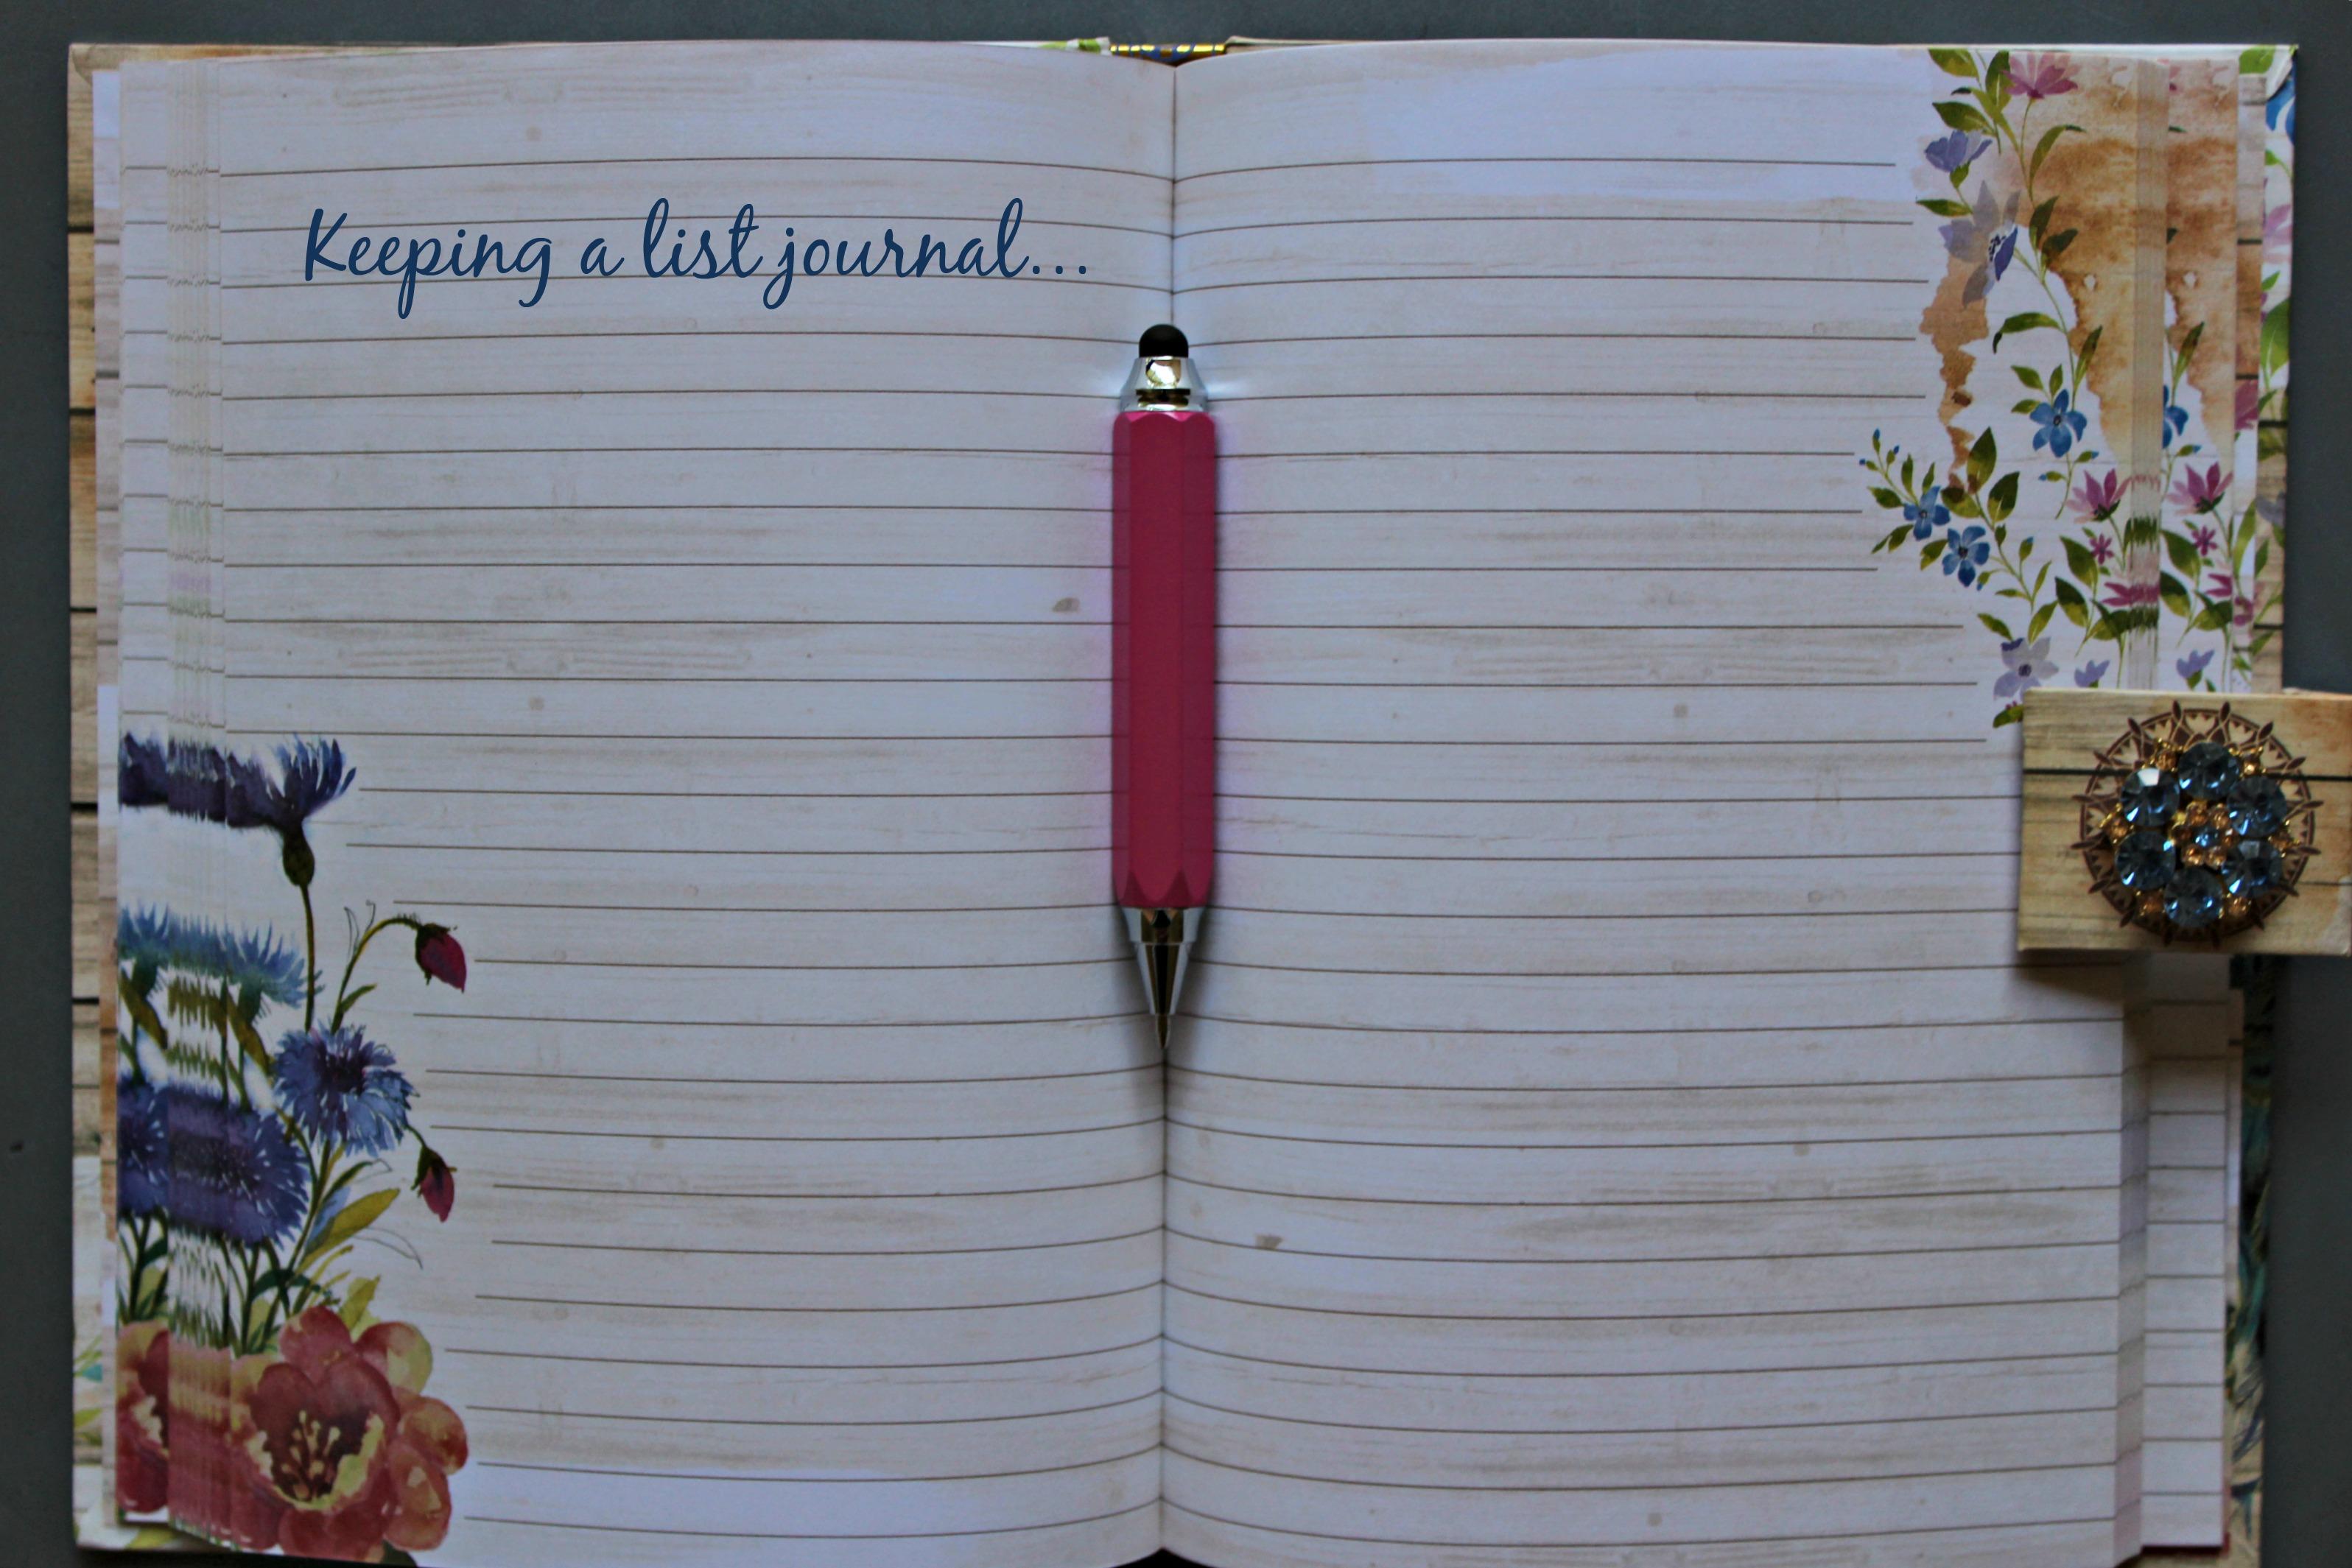 keeping a list journal